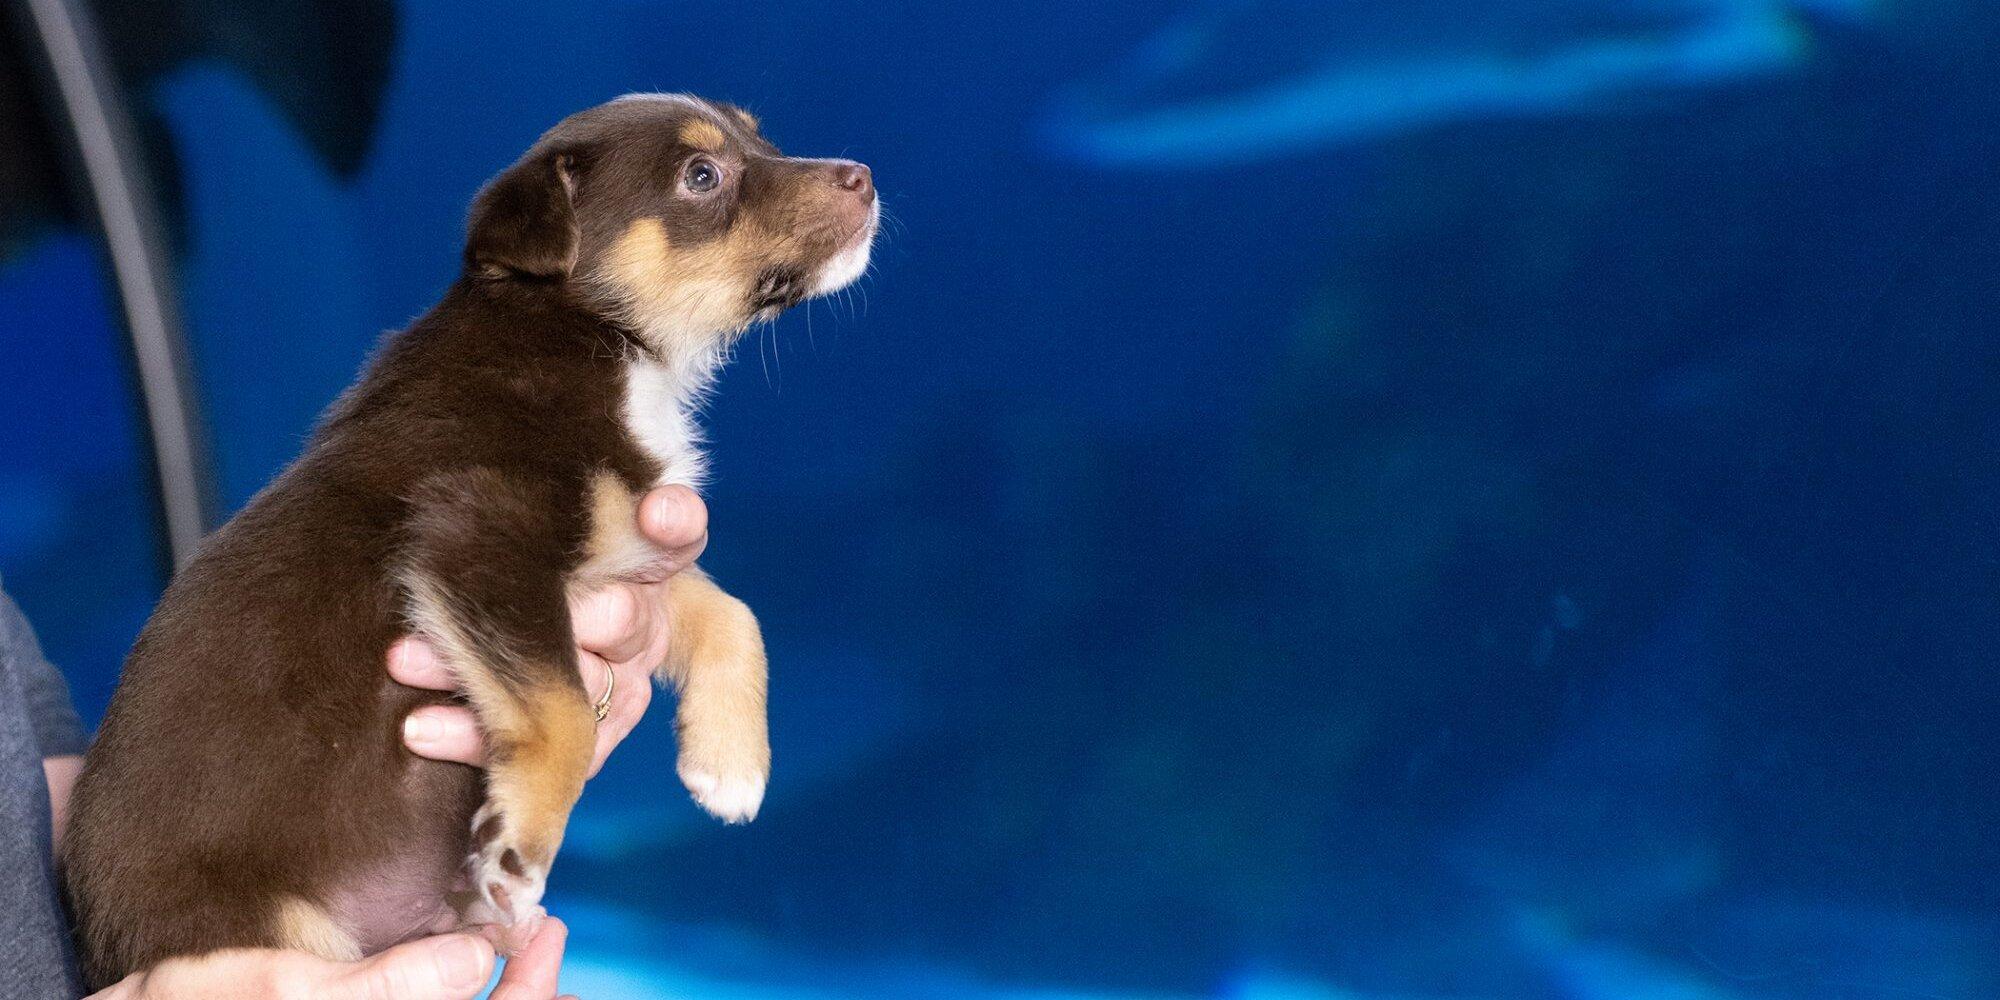 Precious Pups Visit the Aquarium and Meet New Friends Along the Way